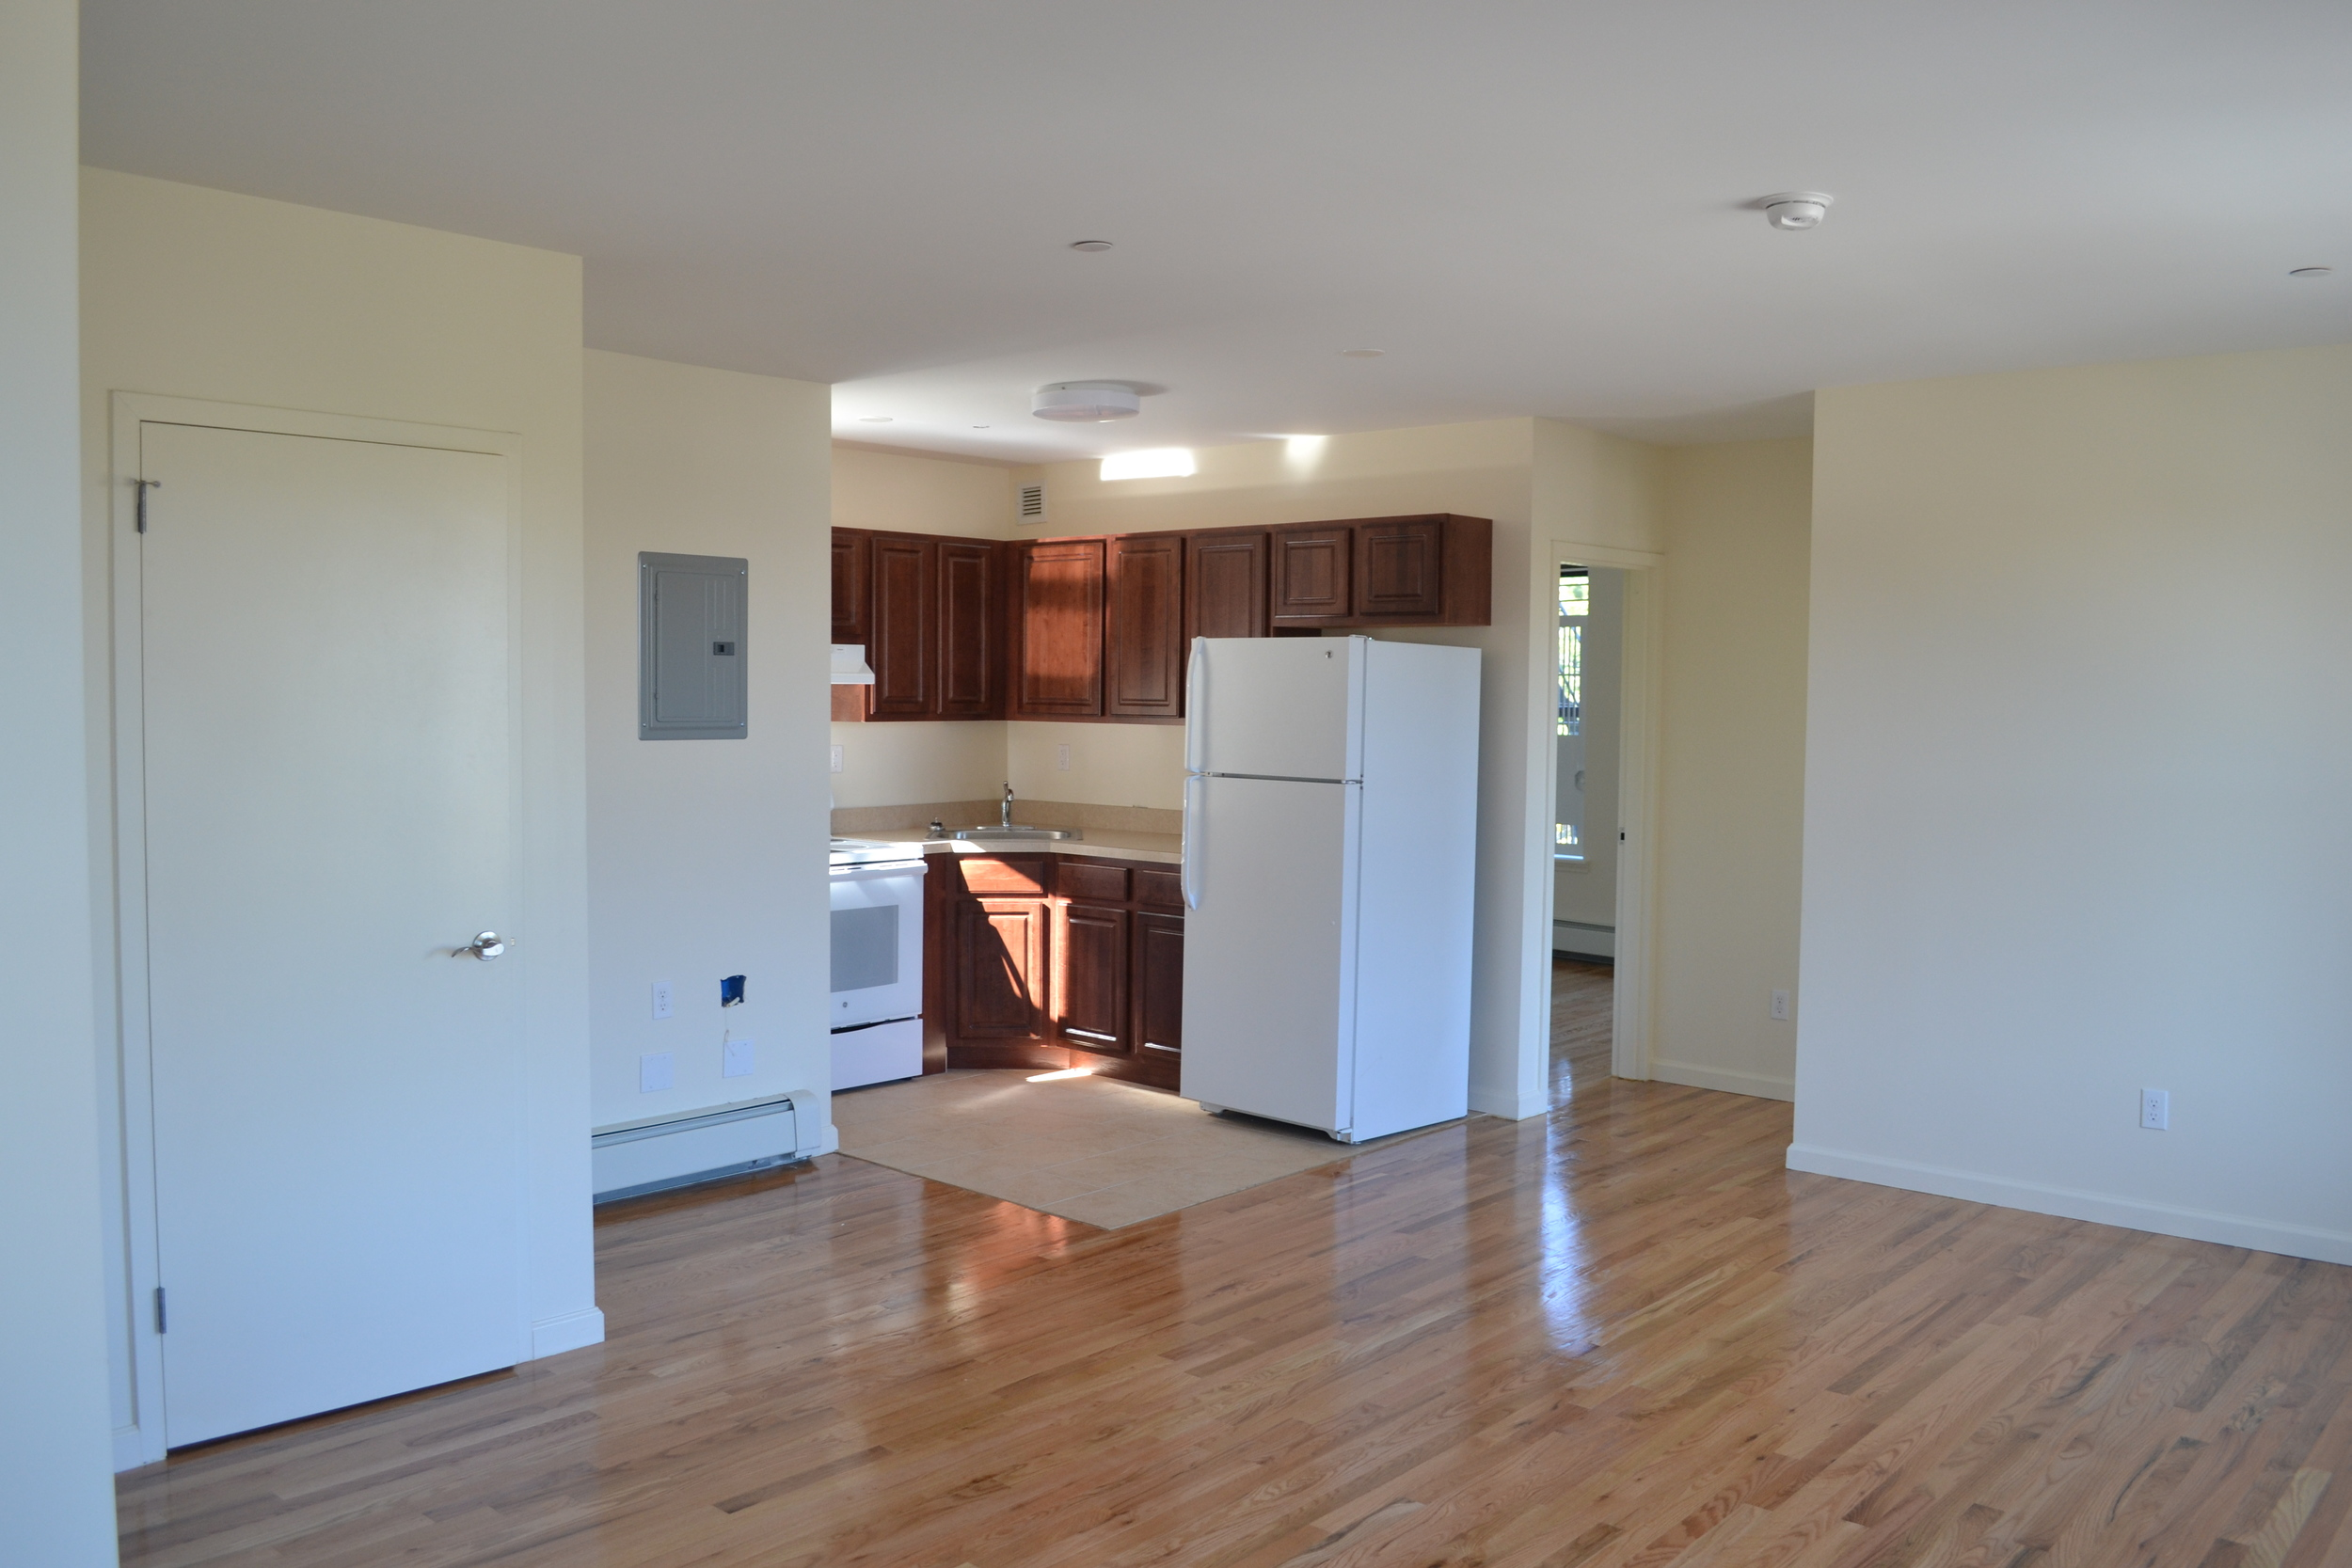 DSC_0572 zion court (1) kitchen.JPG